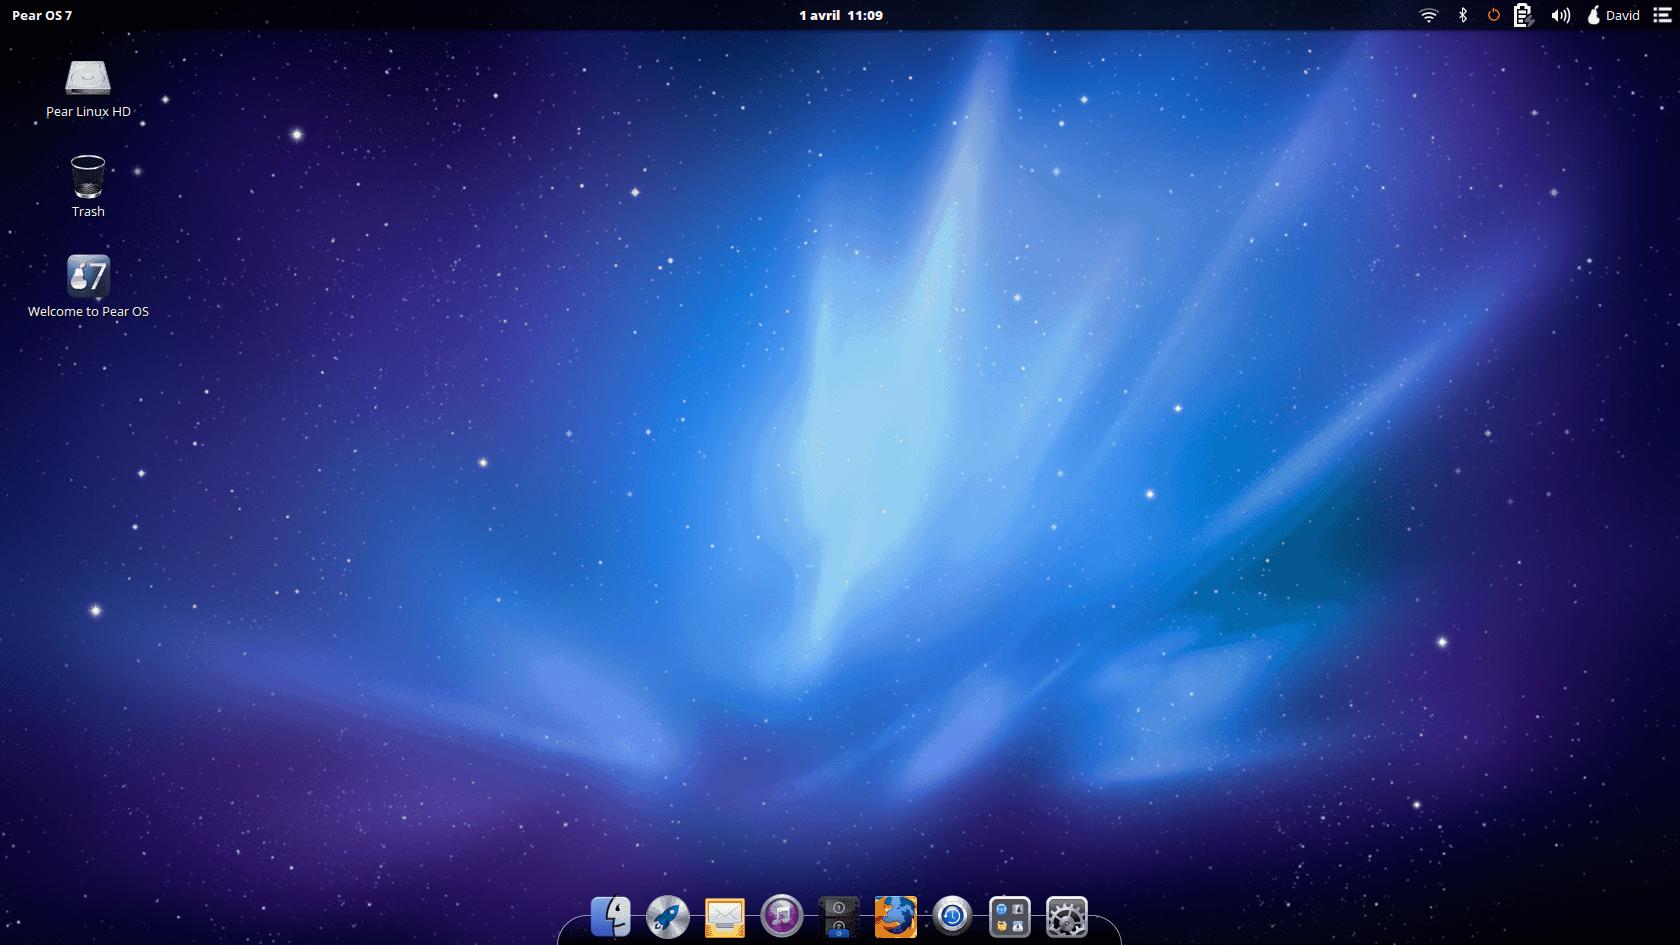 Pear OS X 7